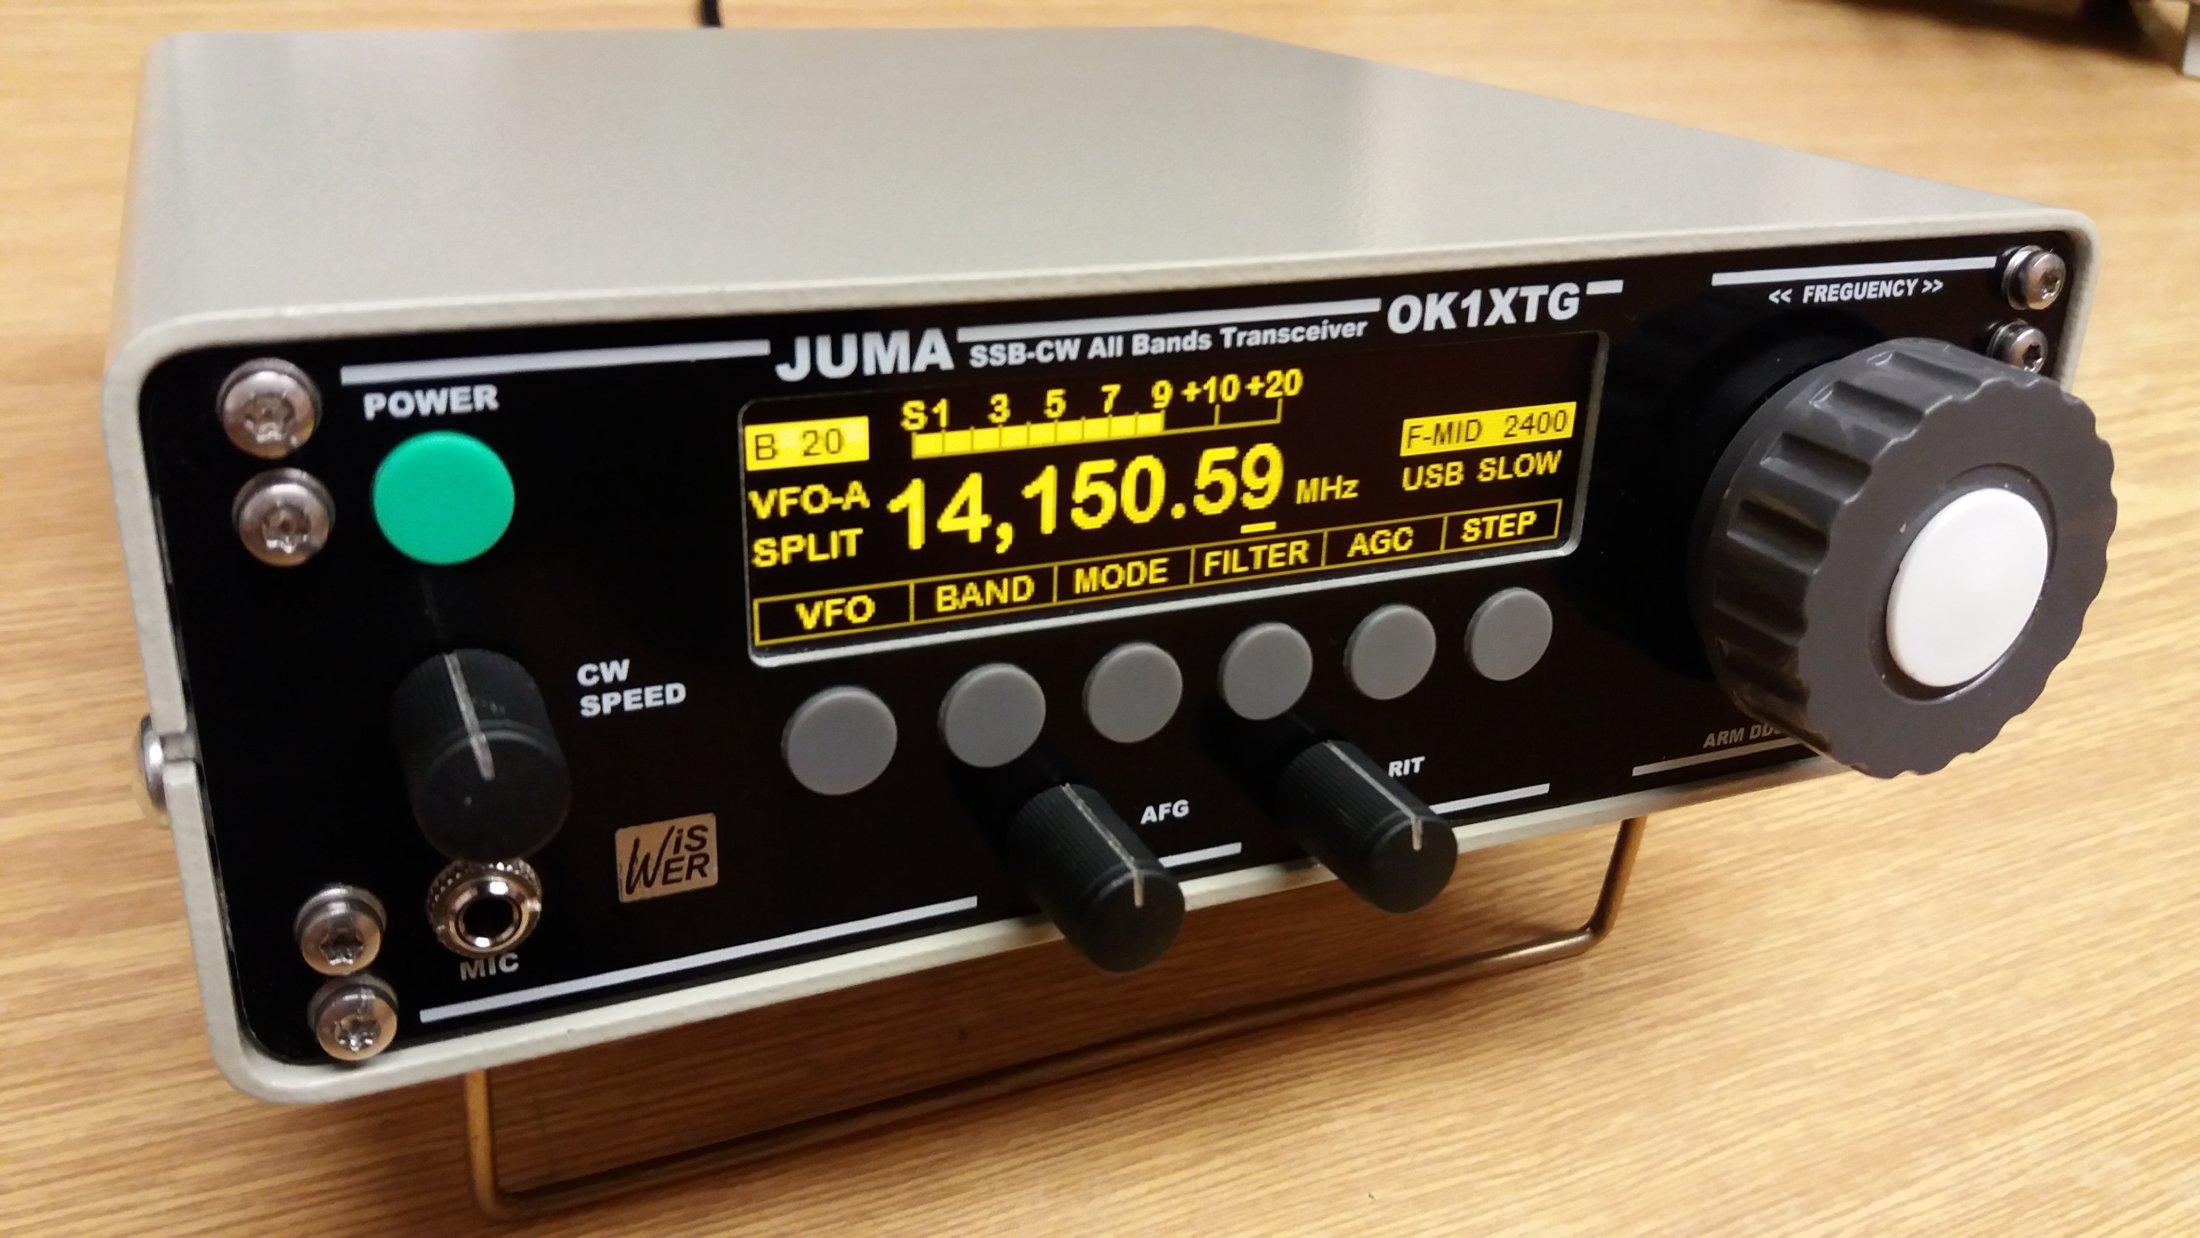 KV transceiver JUMA-TRX2